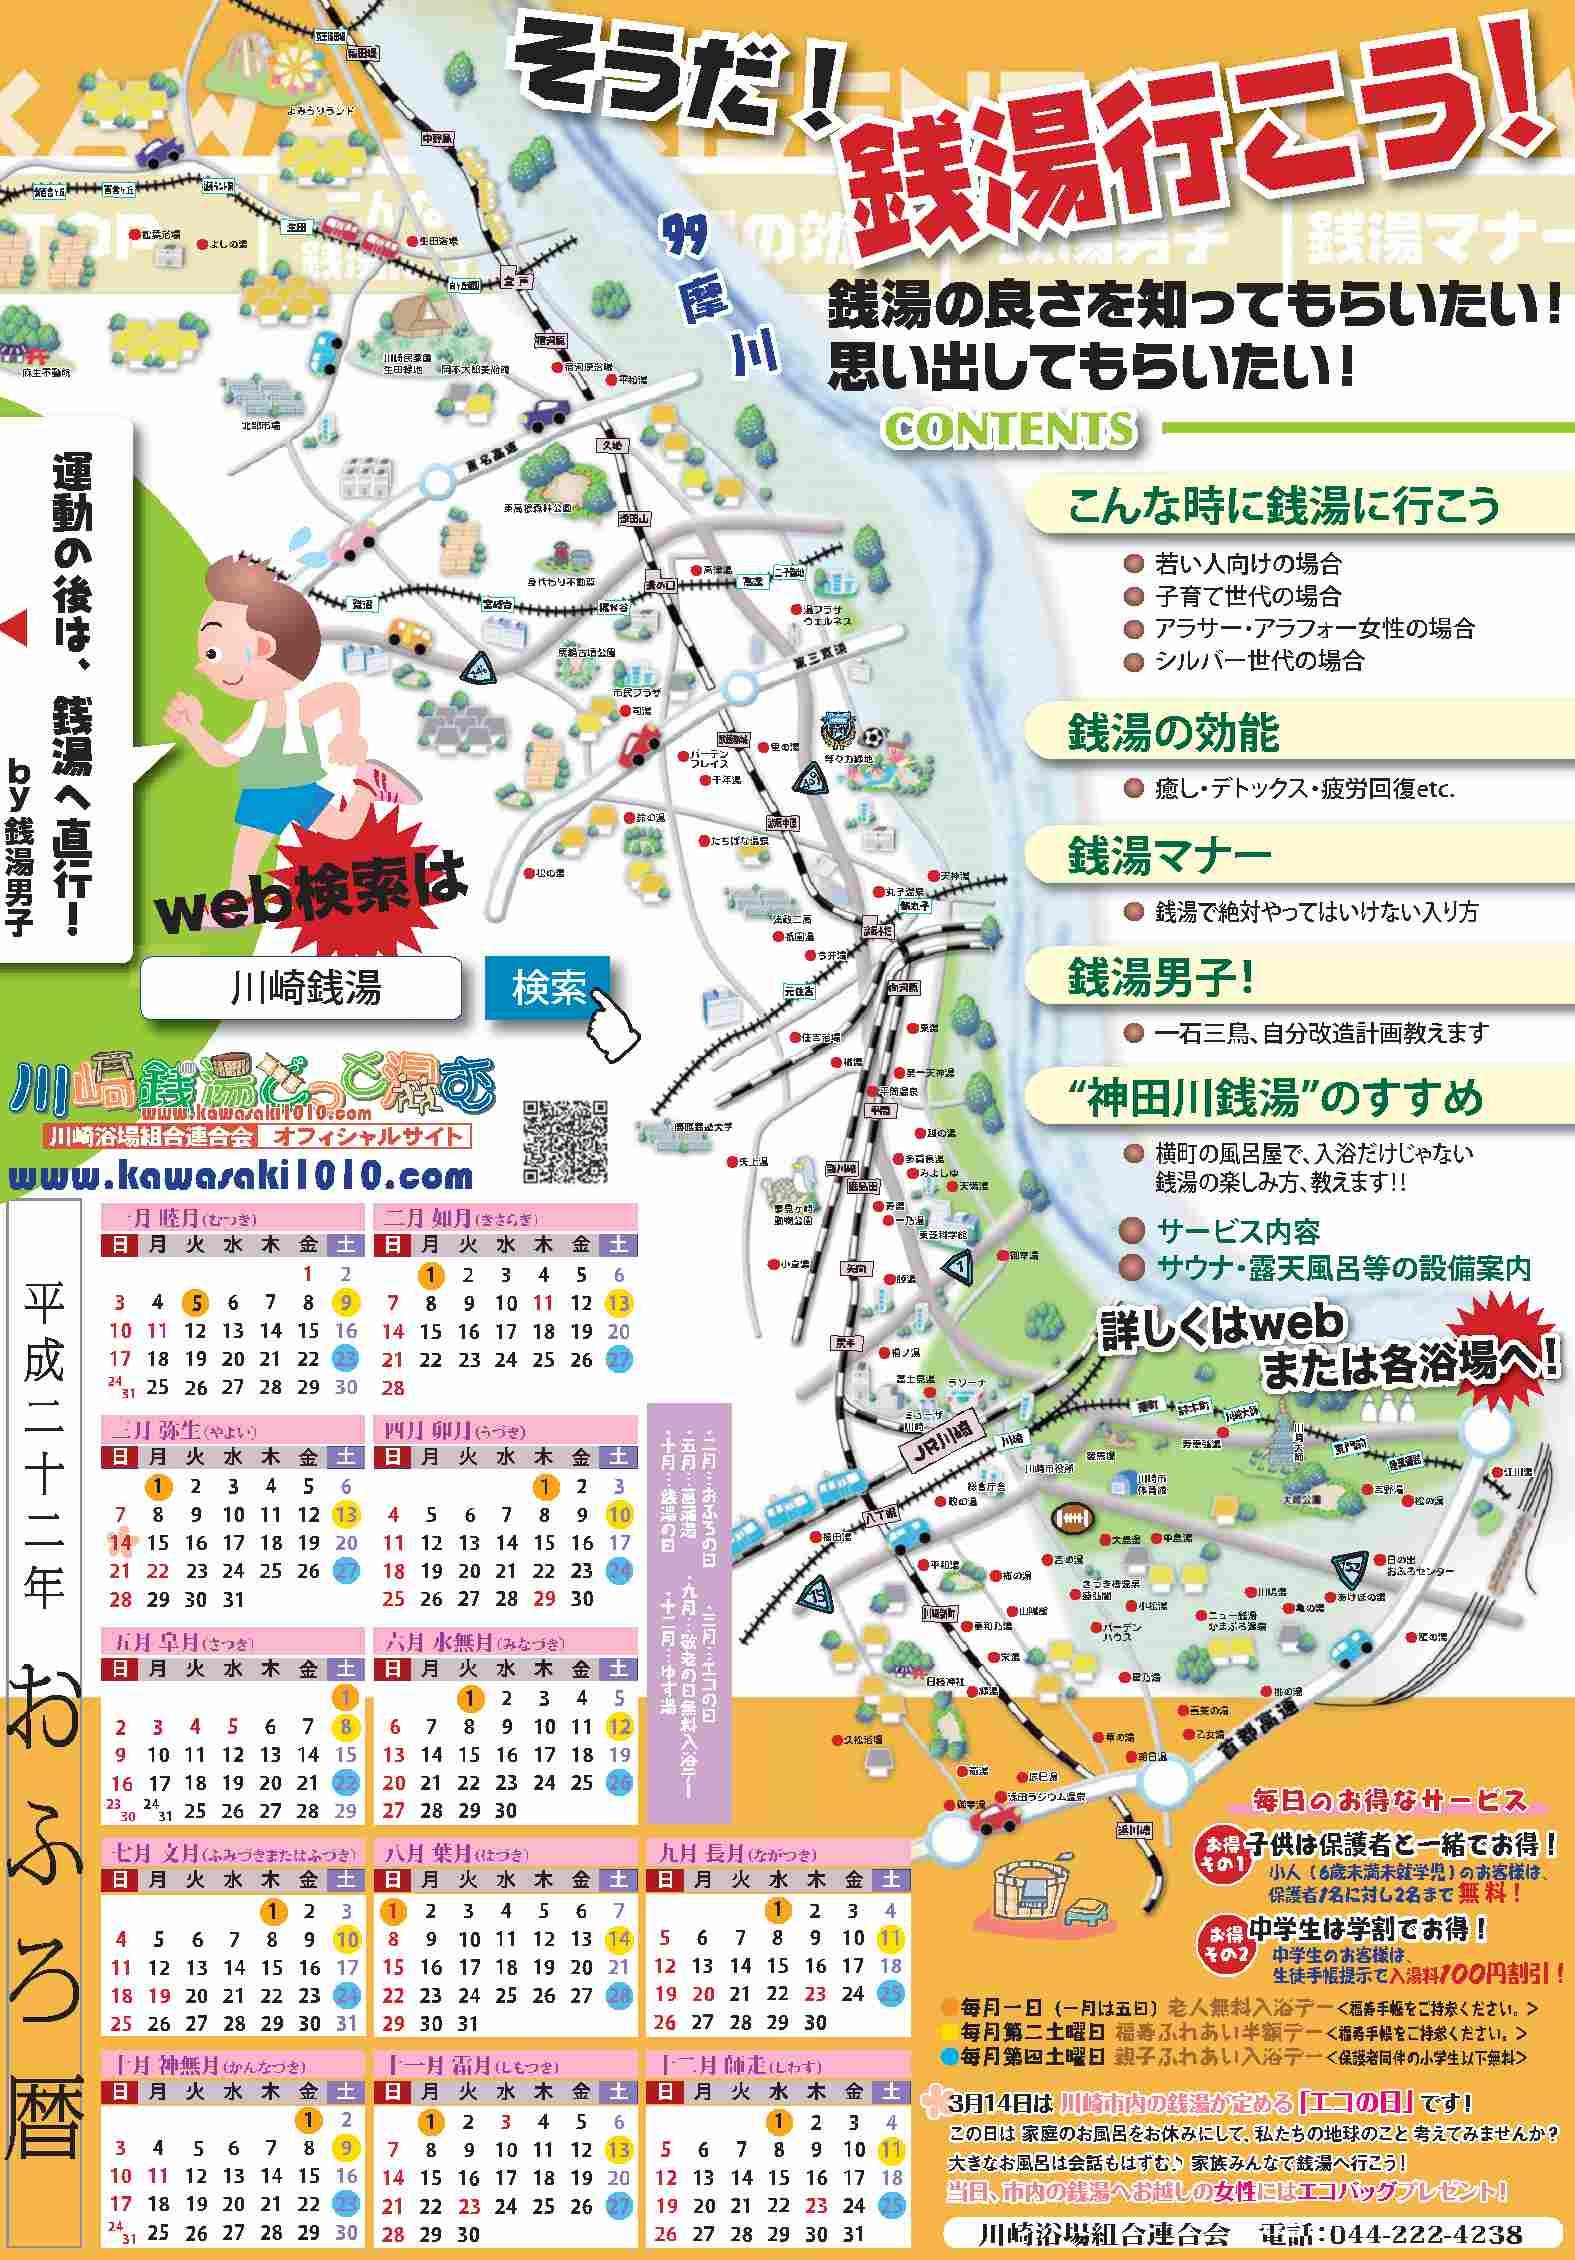 http://k-o-i.jp/entry-image/2010.jpg